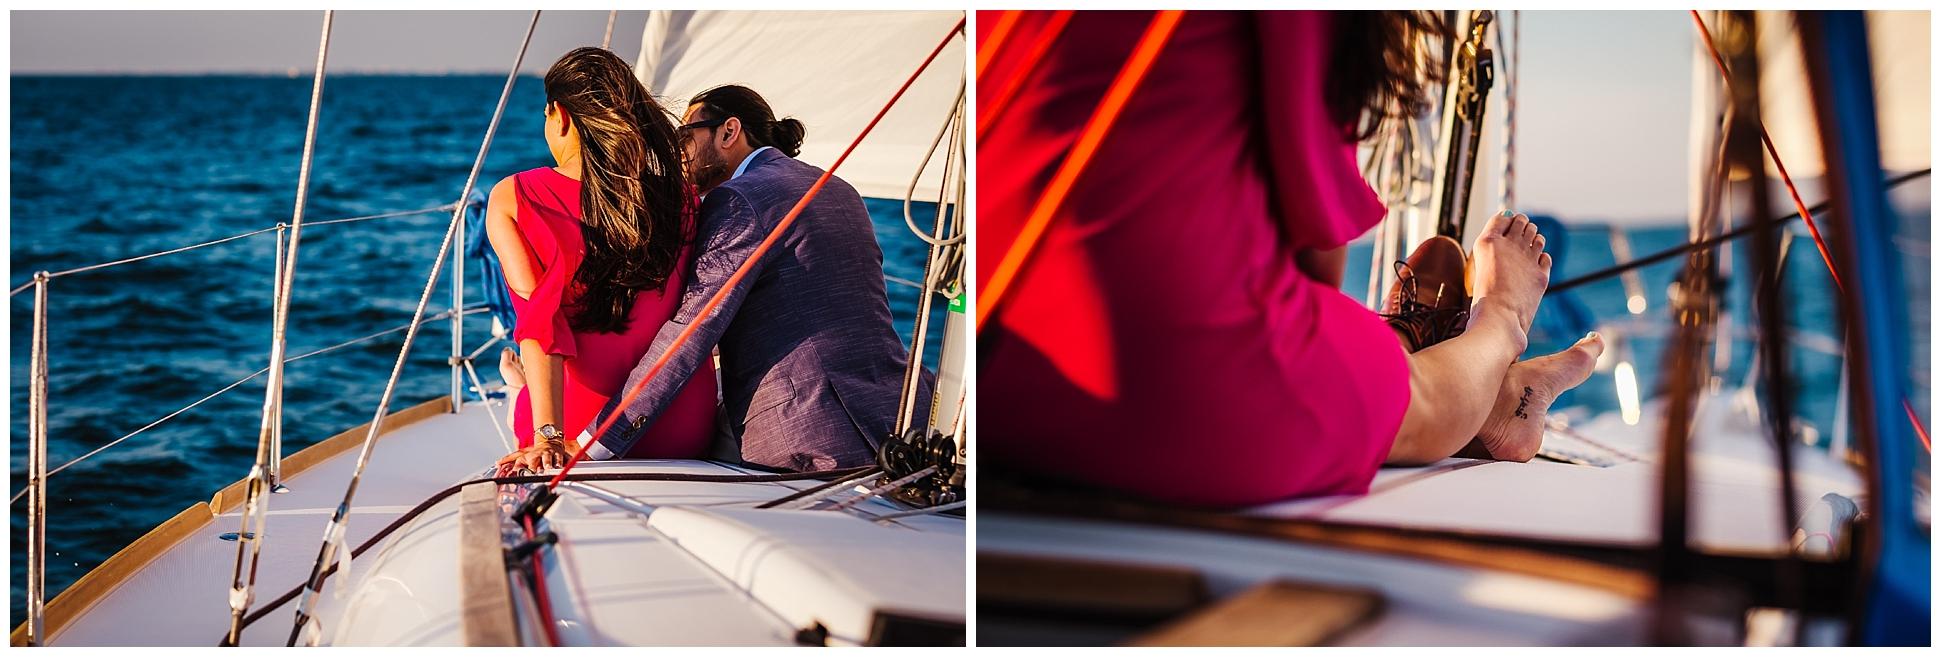 tampa bay-sailboat-sunset-proposal-engagememnt_0004.jpg